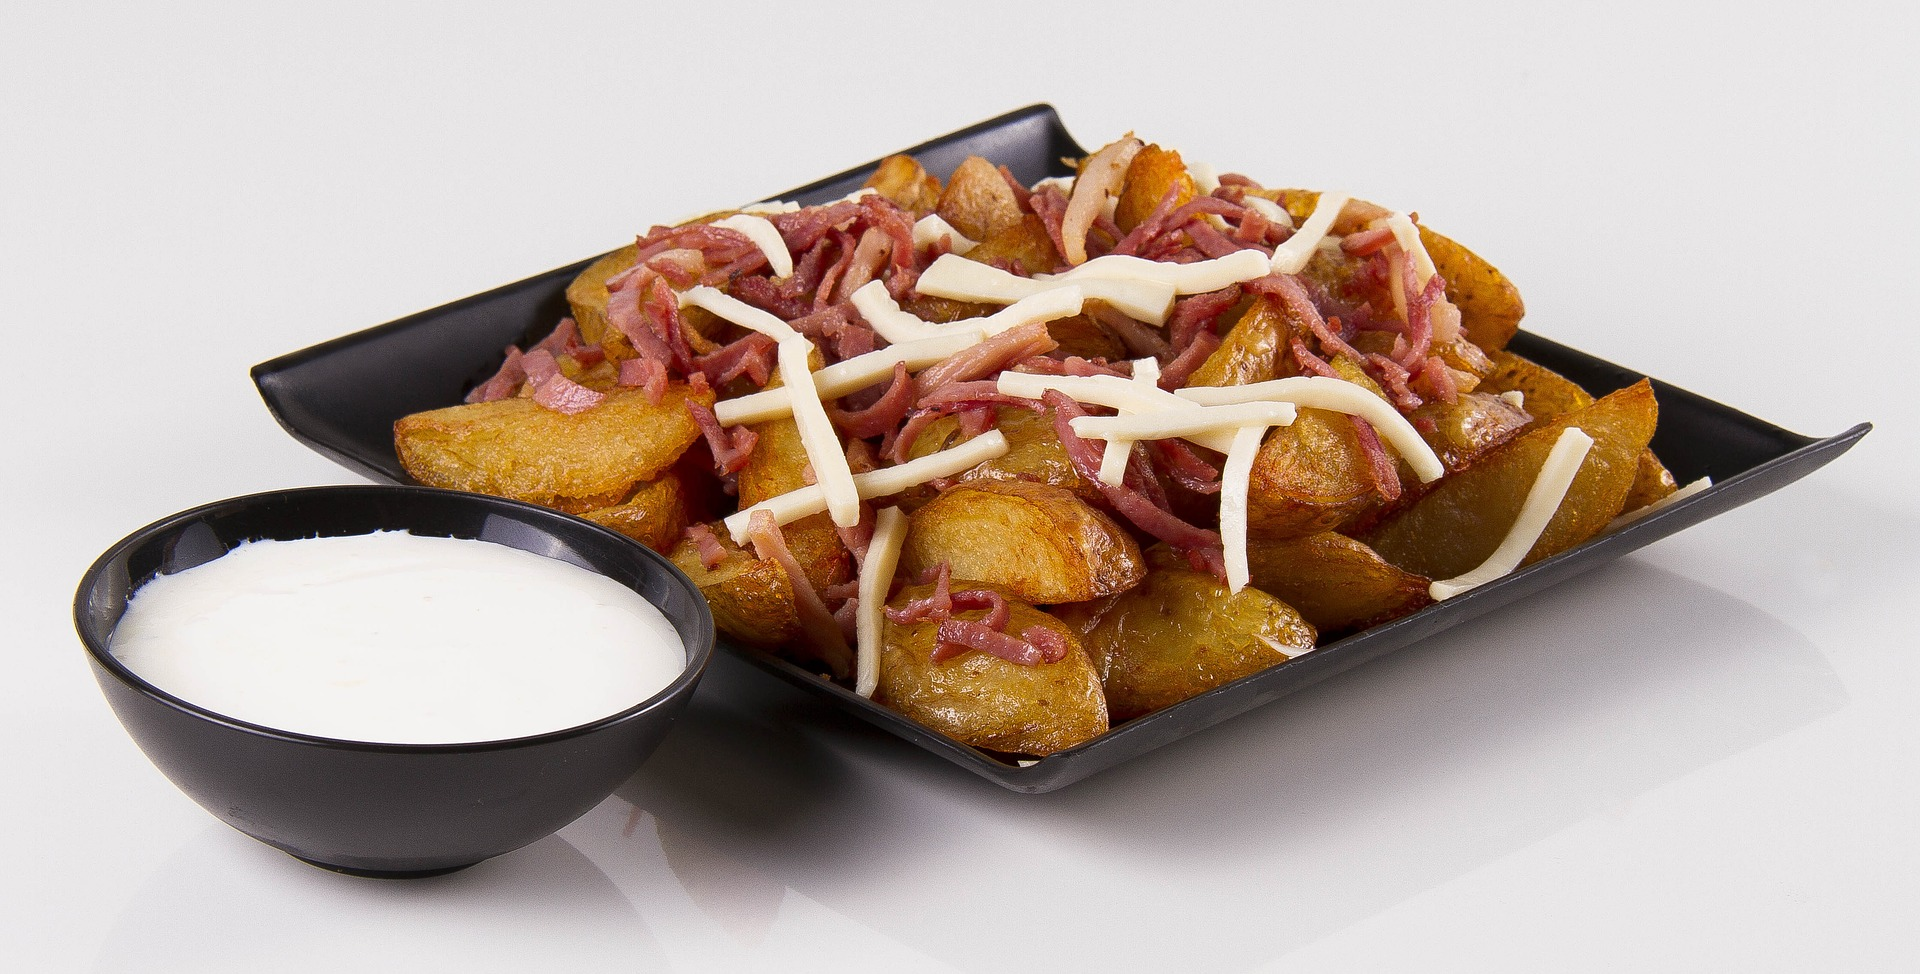 πατάτες κυδωνάτες sour cream με μπέικον κρεμώδη σως